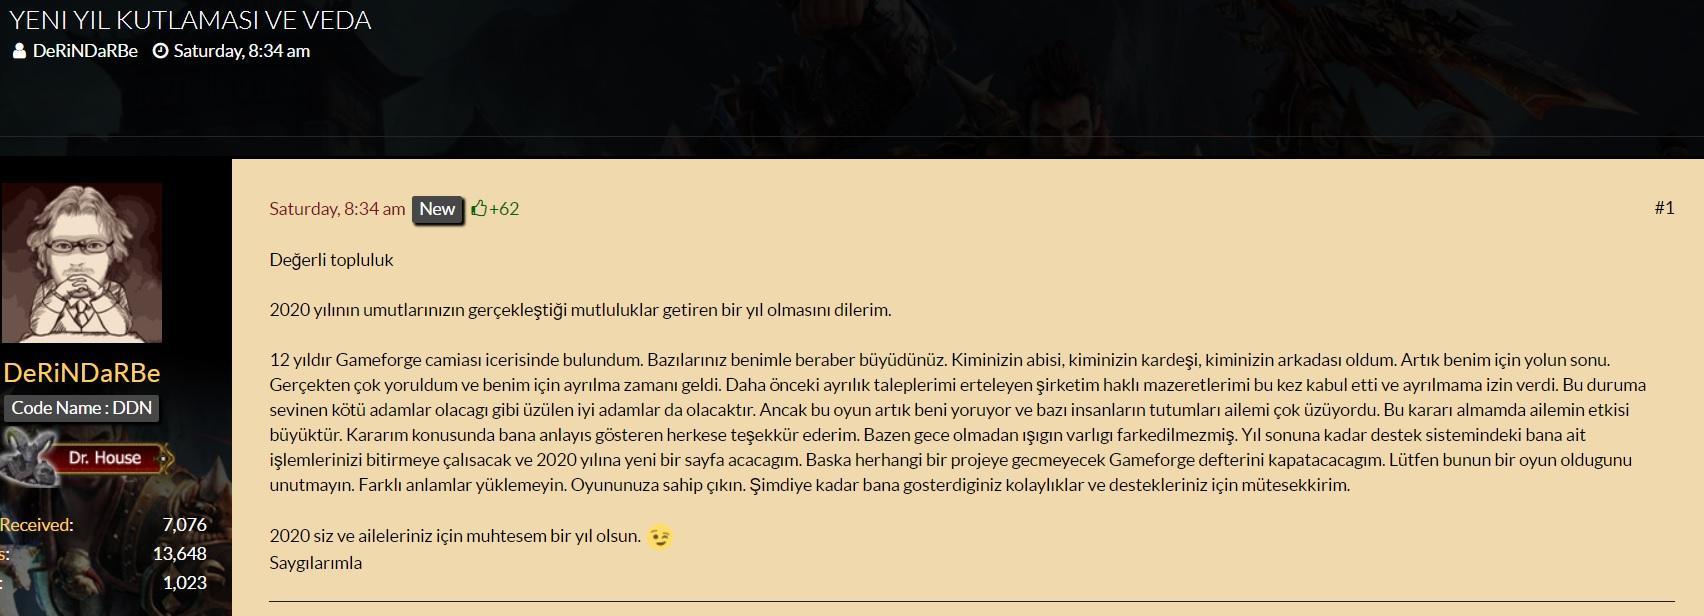 metin2 türkiye coma istifa.jpg